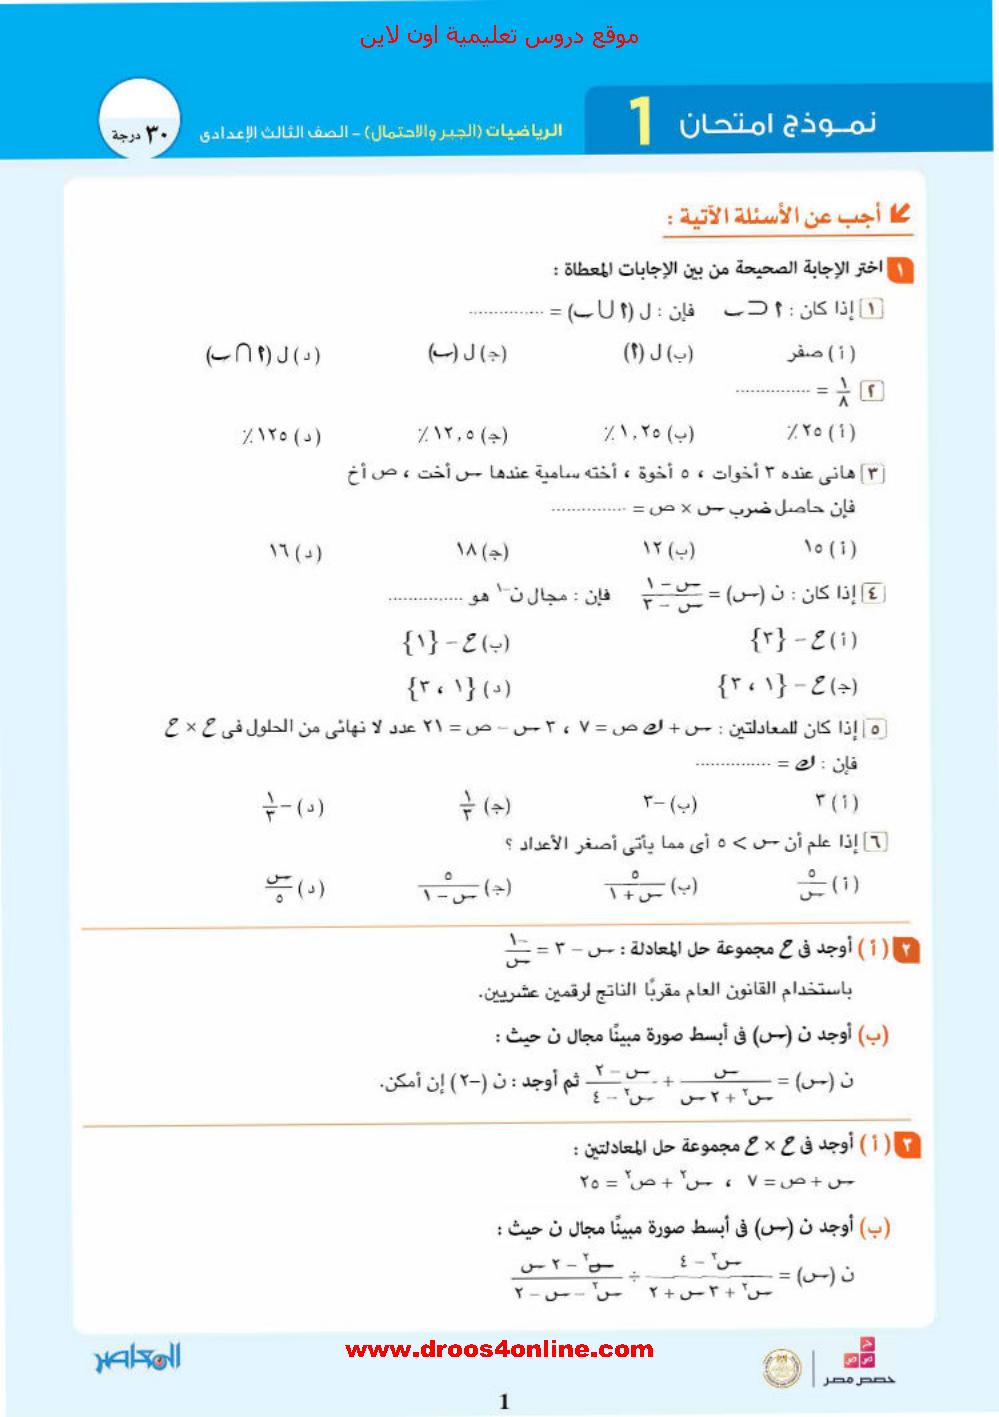 نماذج الوزارة الإسترشادية فى الجبر بالإجابات الصف الثالث الإعدادى الترم الثانى 2021